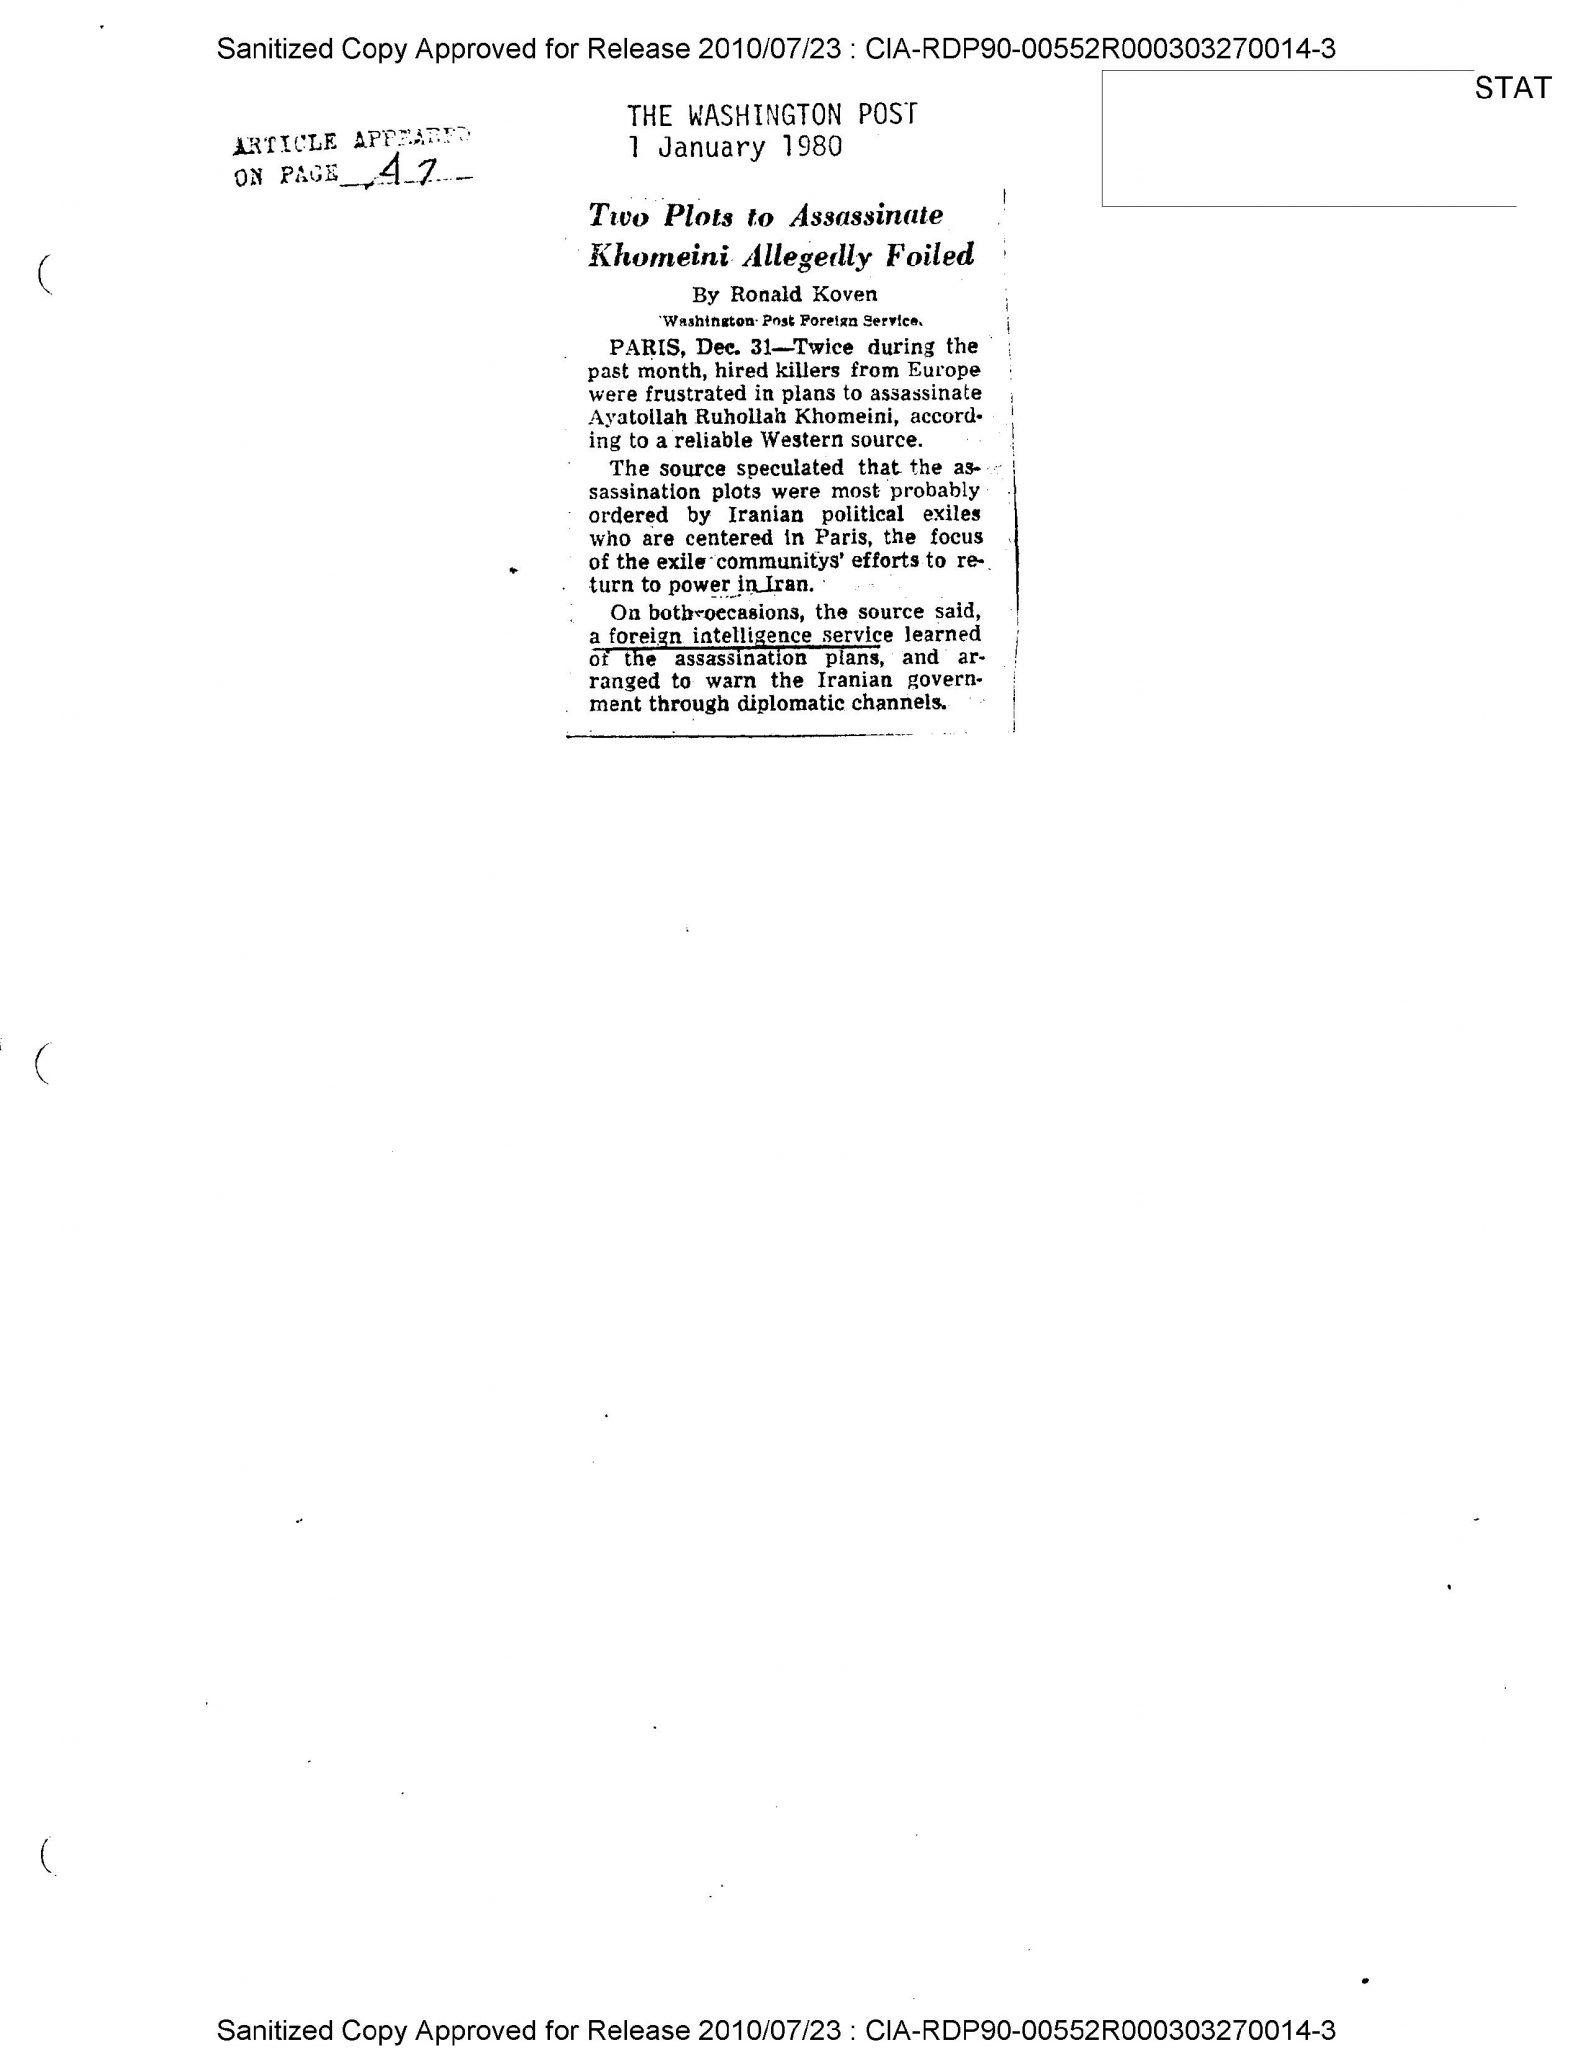 وكالة الإستخبارات الأمريكية احباط مخططين مزعومين لإغتيال الخميني